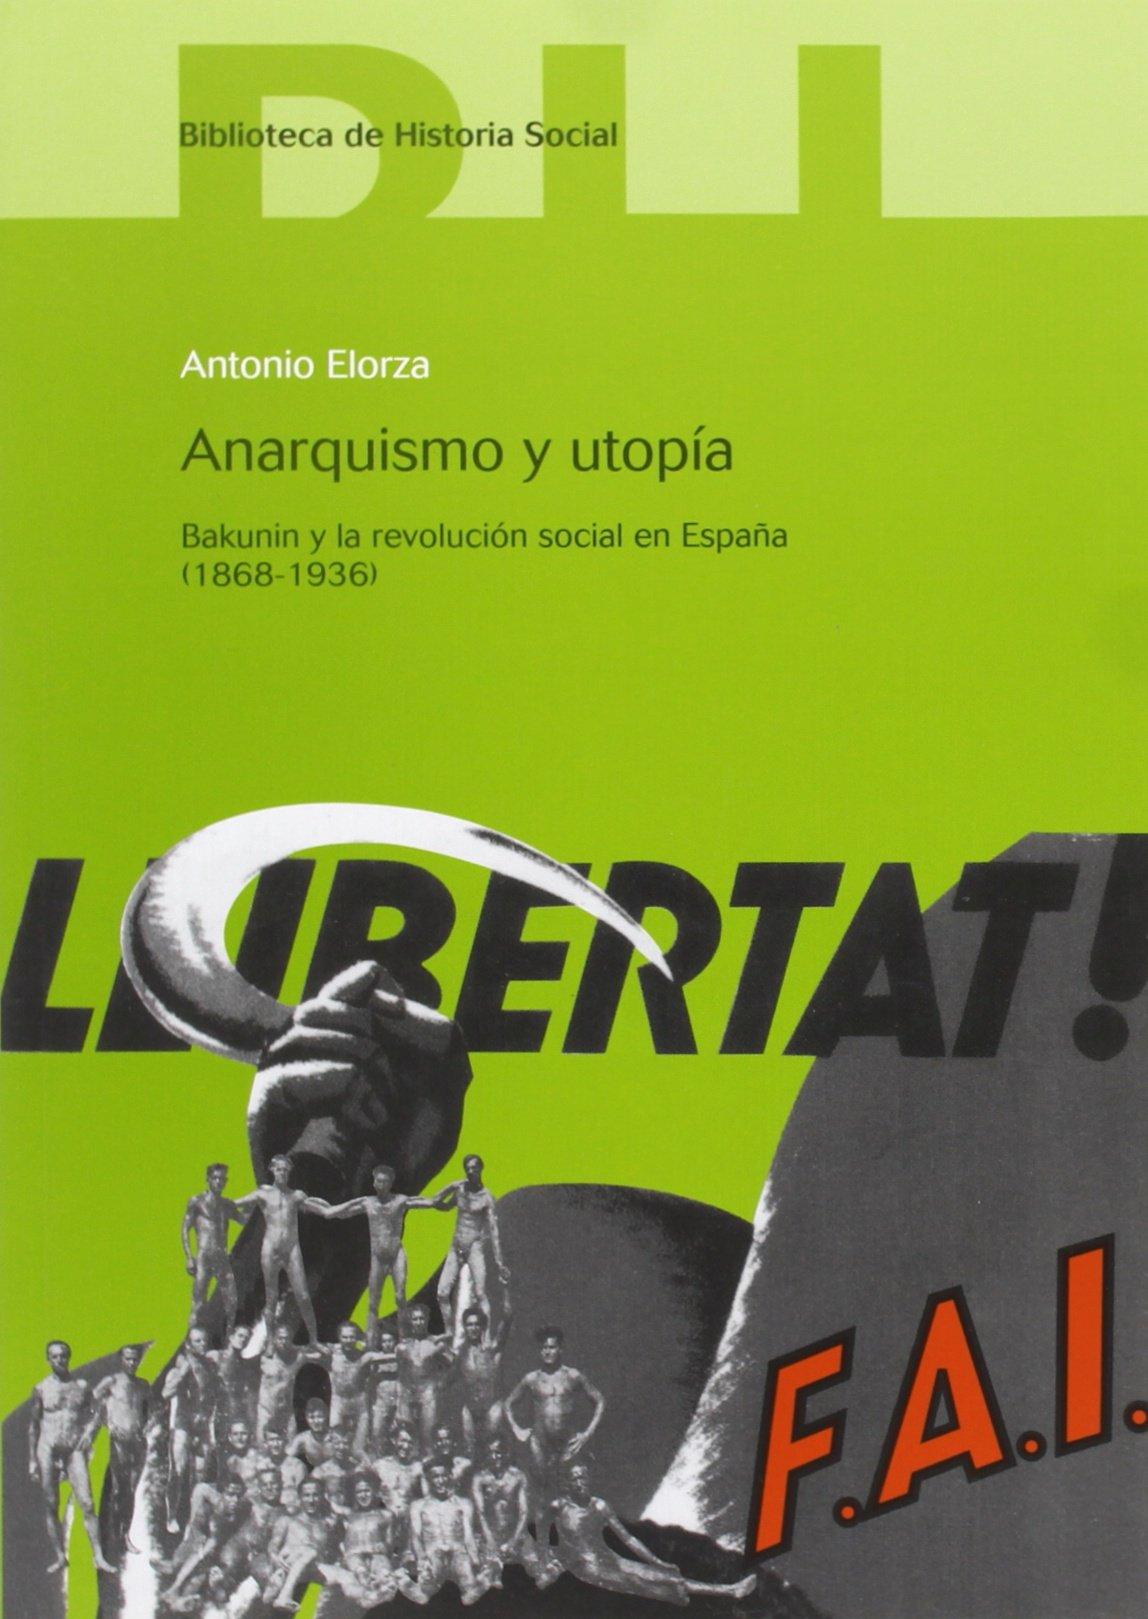 Anarquismo y utopía: Bakunin y la revolución social en España. 1868-1936 Biblioteca de historia social: Amazon.es: Elorza, Antonio: Libros